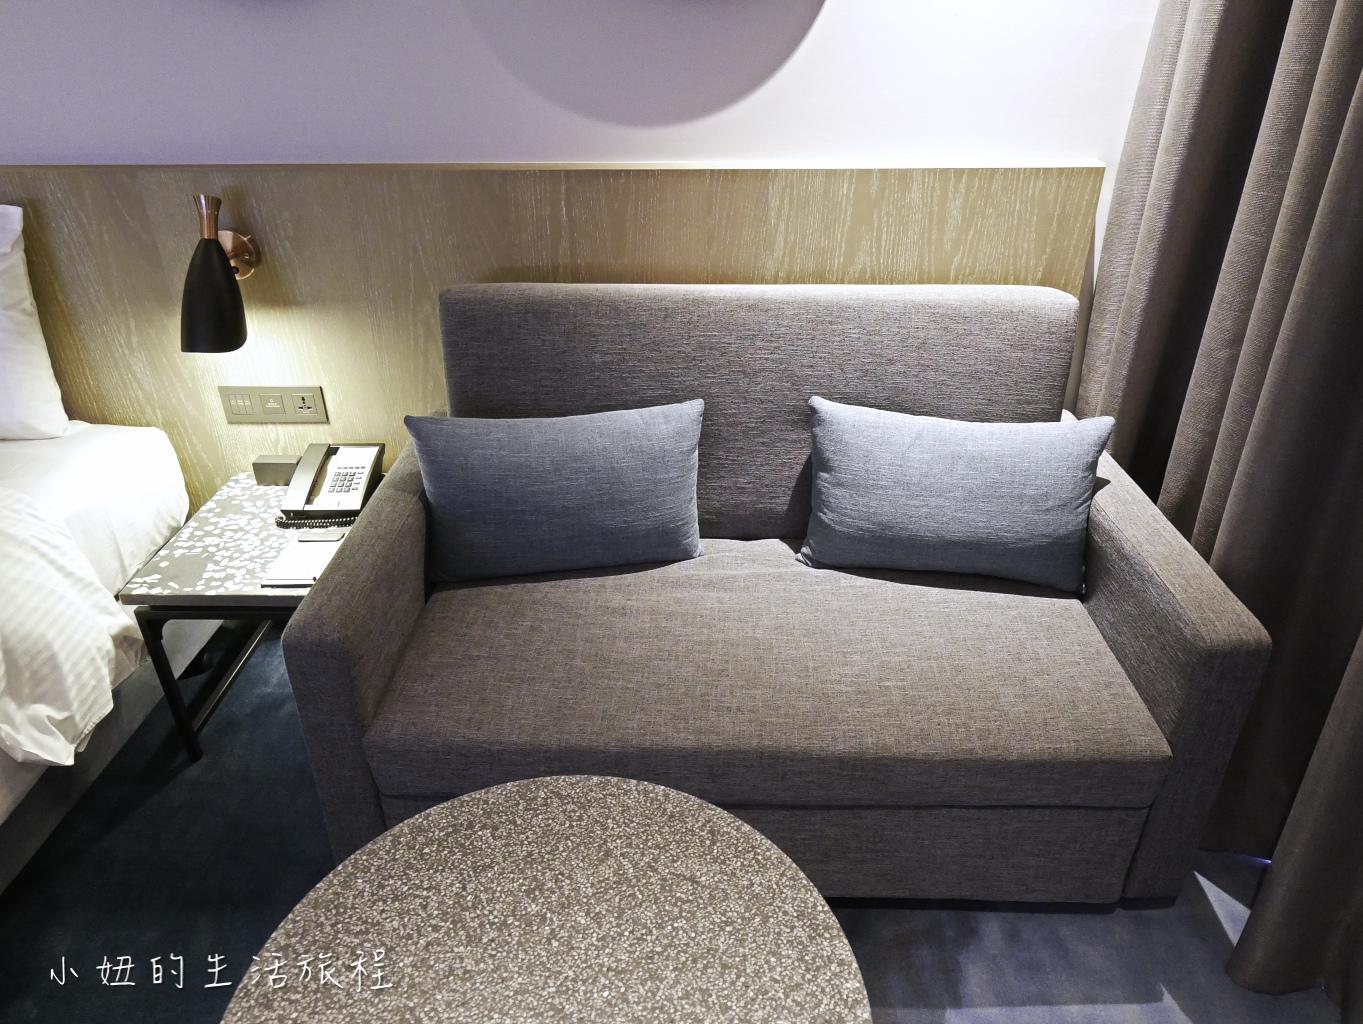 COZZI Blu 和逸飯店-51.jpg